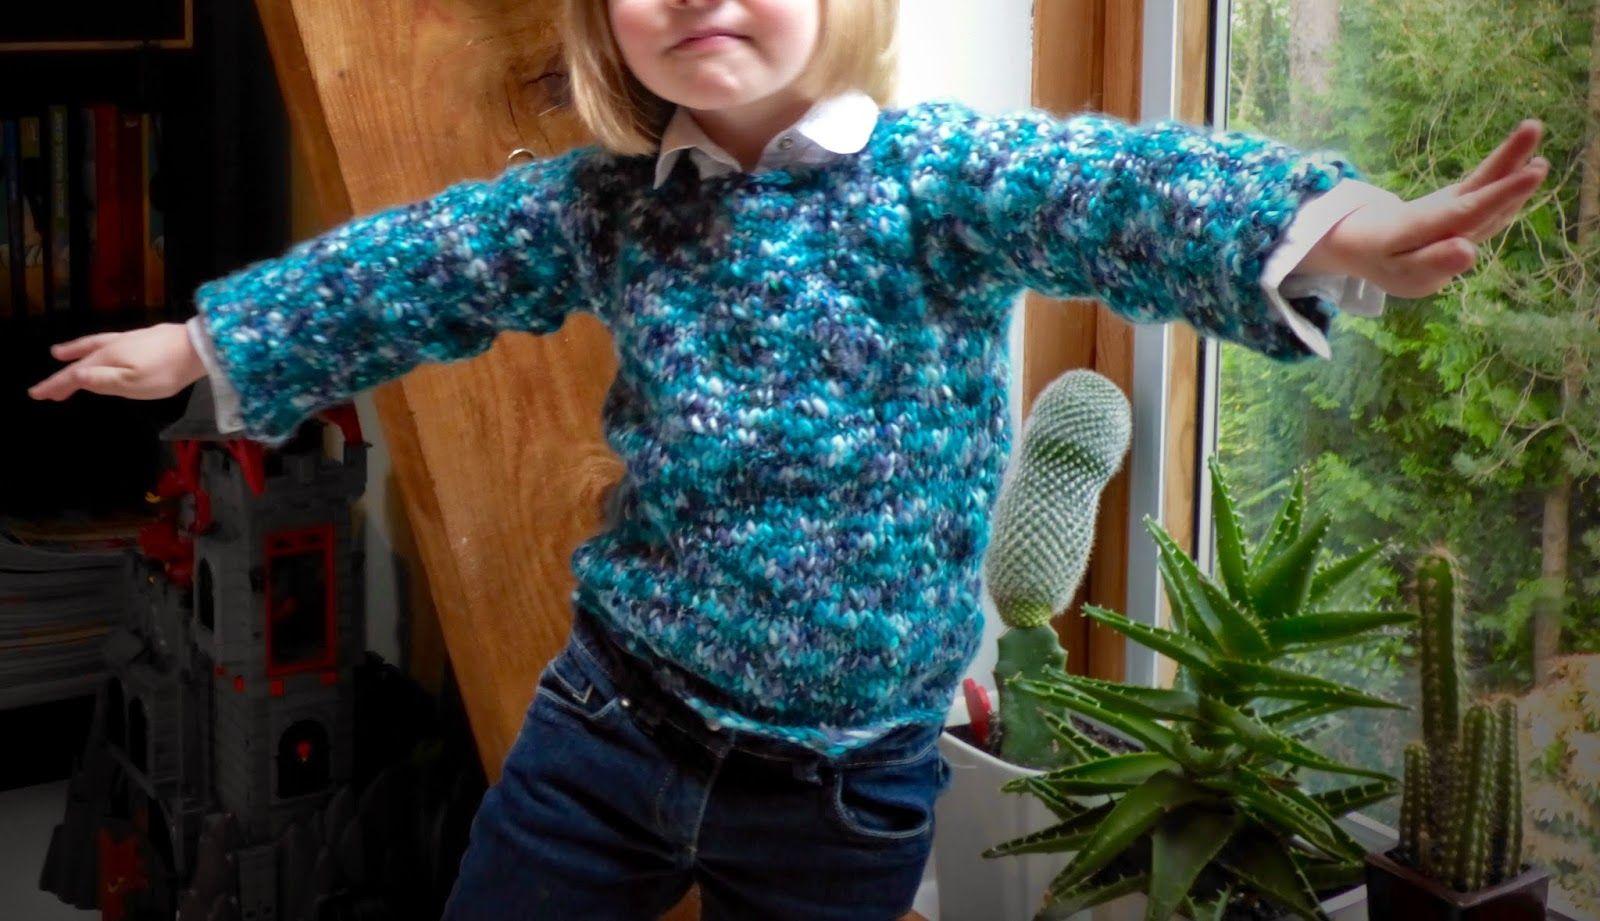 Tricoter un pull facile et rapide pour fille ou garçon. tuto gratuit. niveau débutant. Une ...